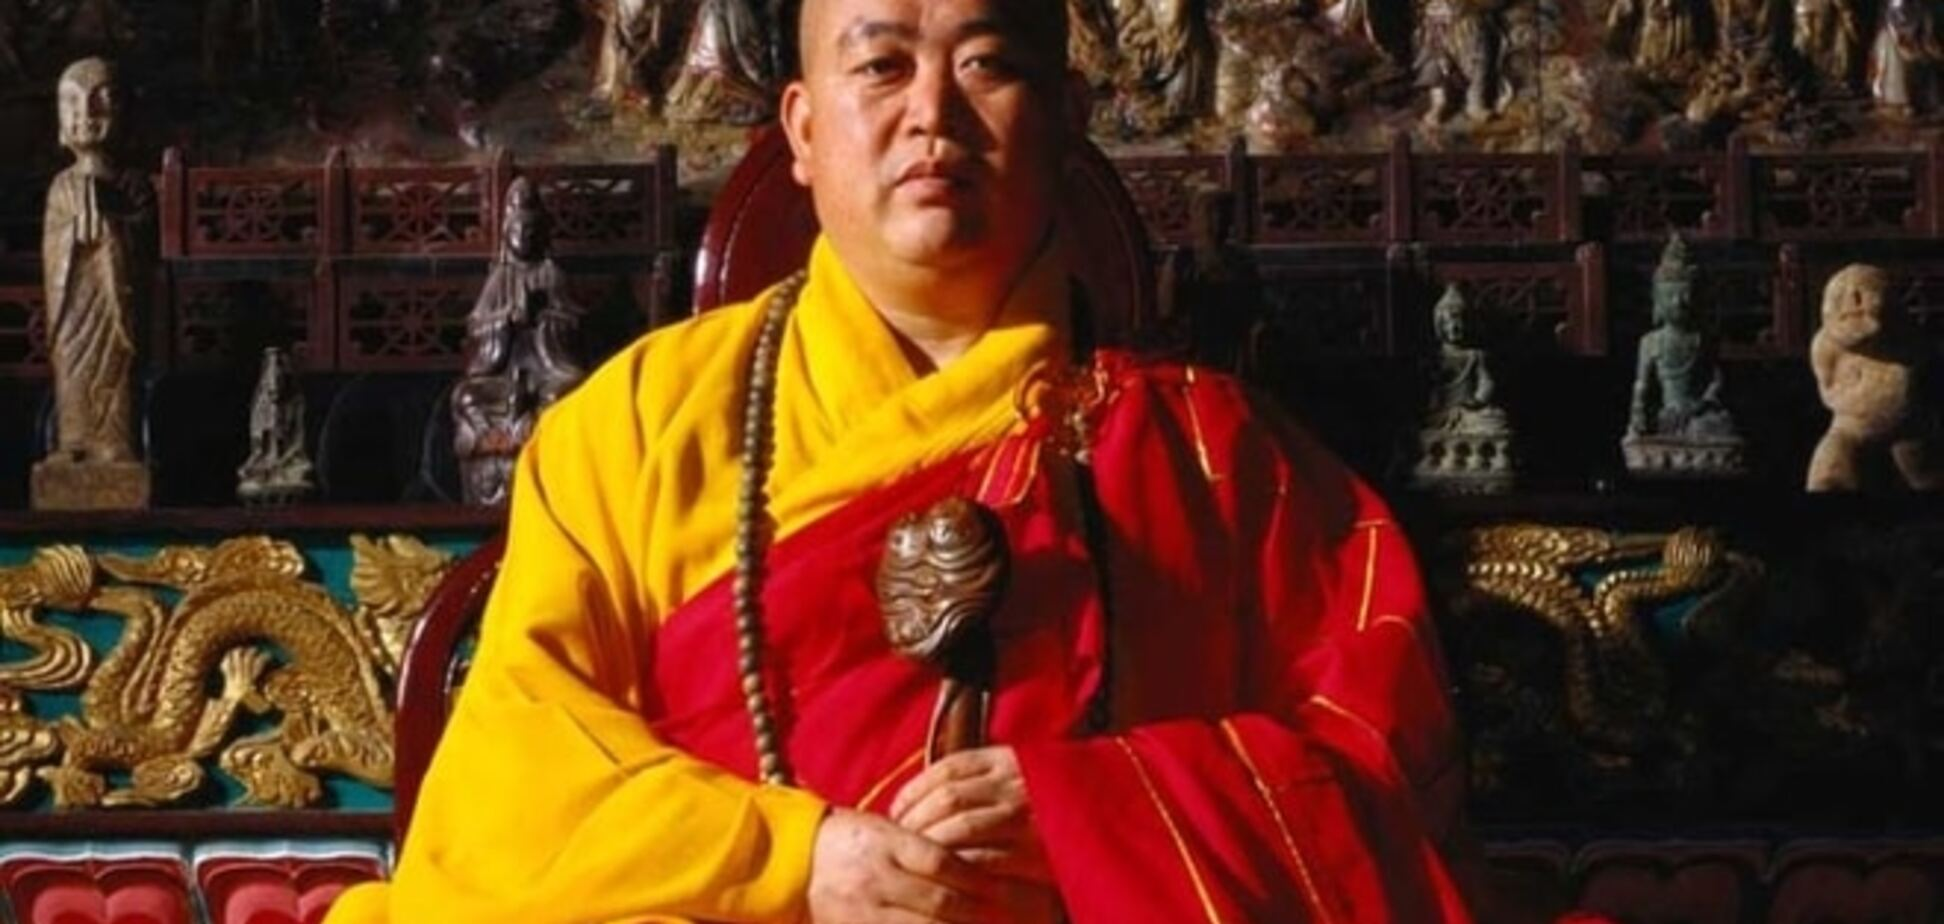 Настоятеля Шаолиньского монастыря обвинили в разврате и коррупции